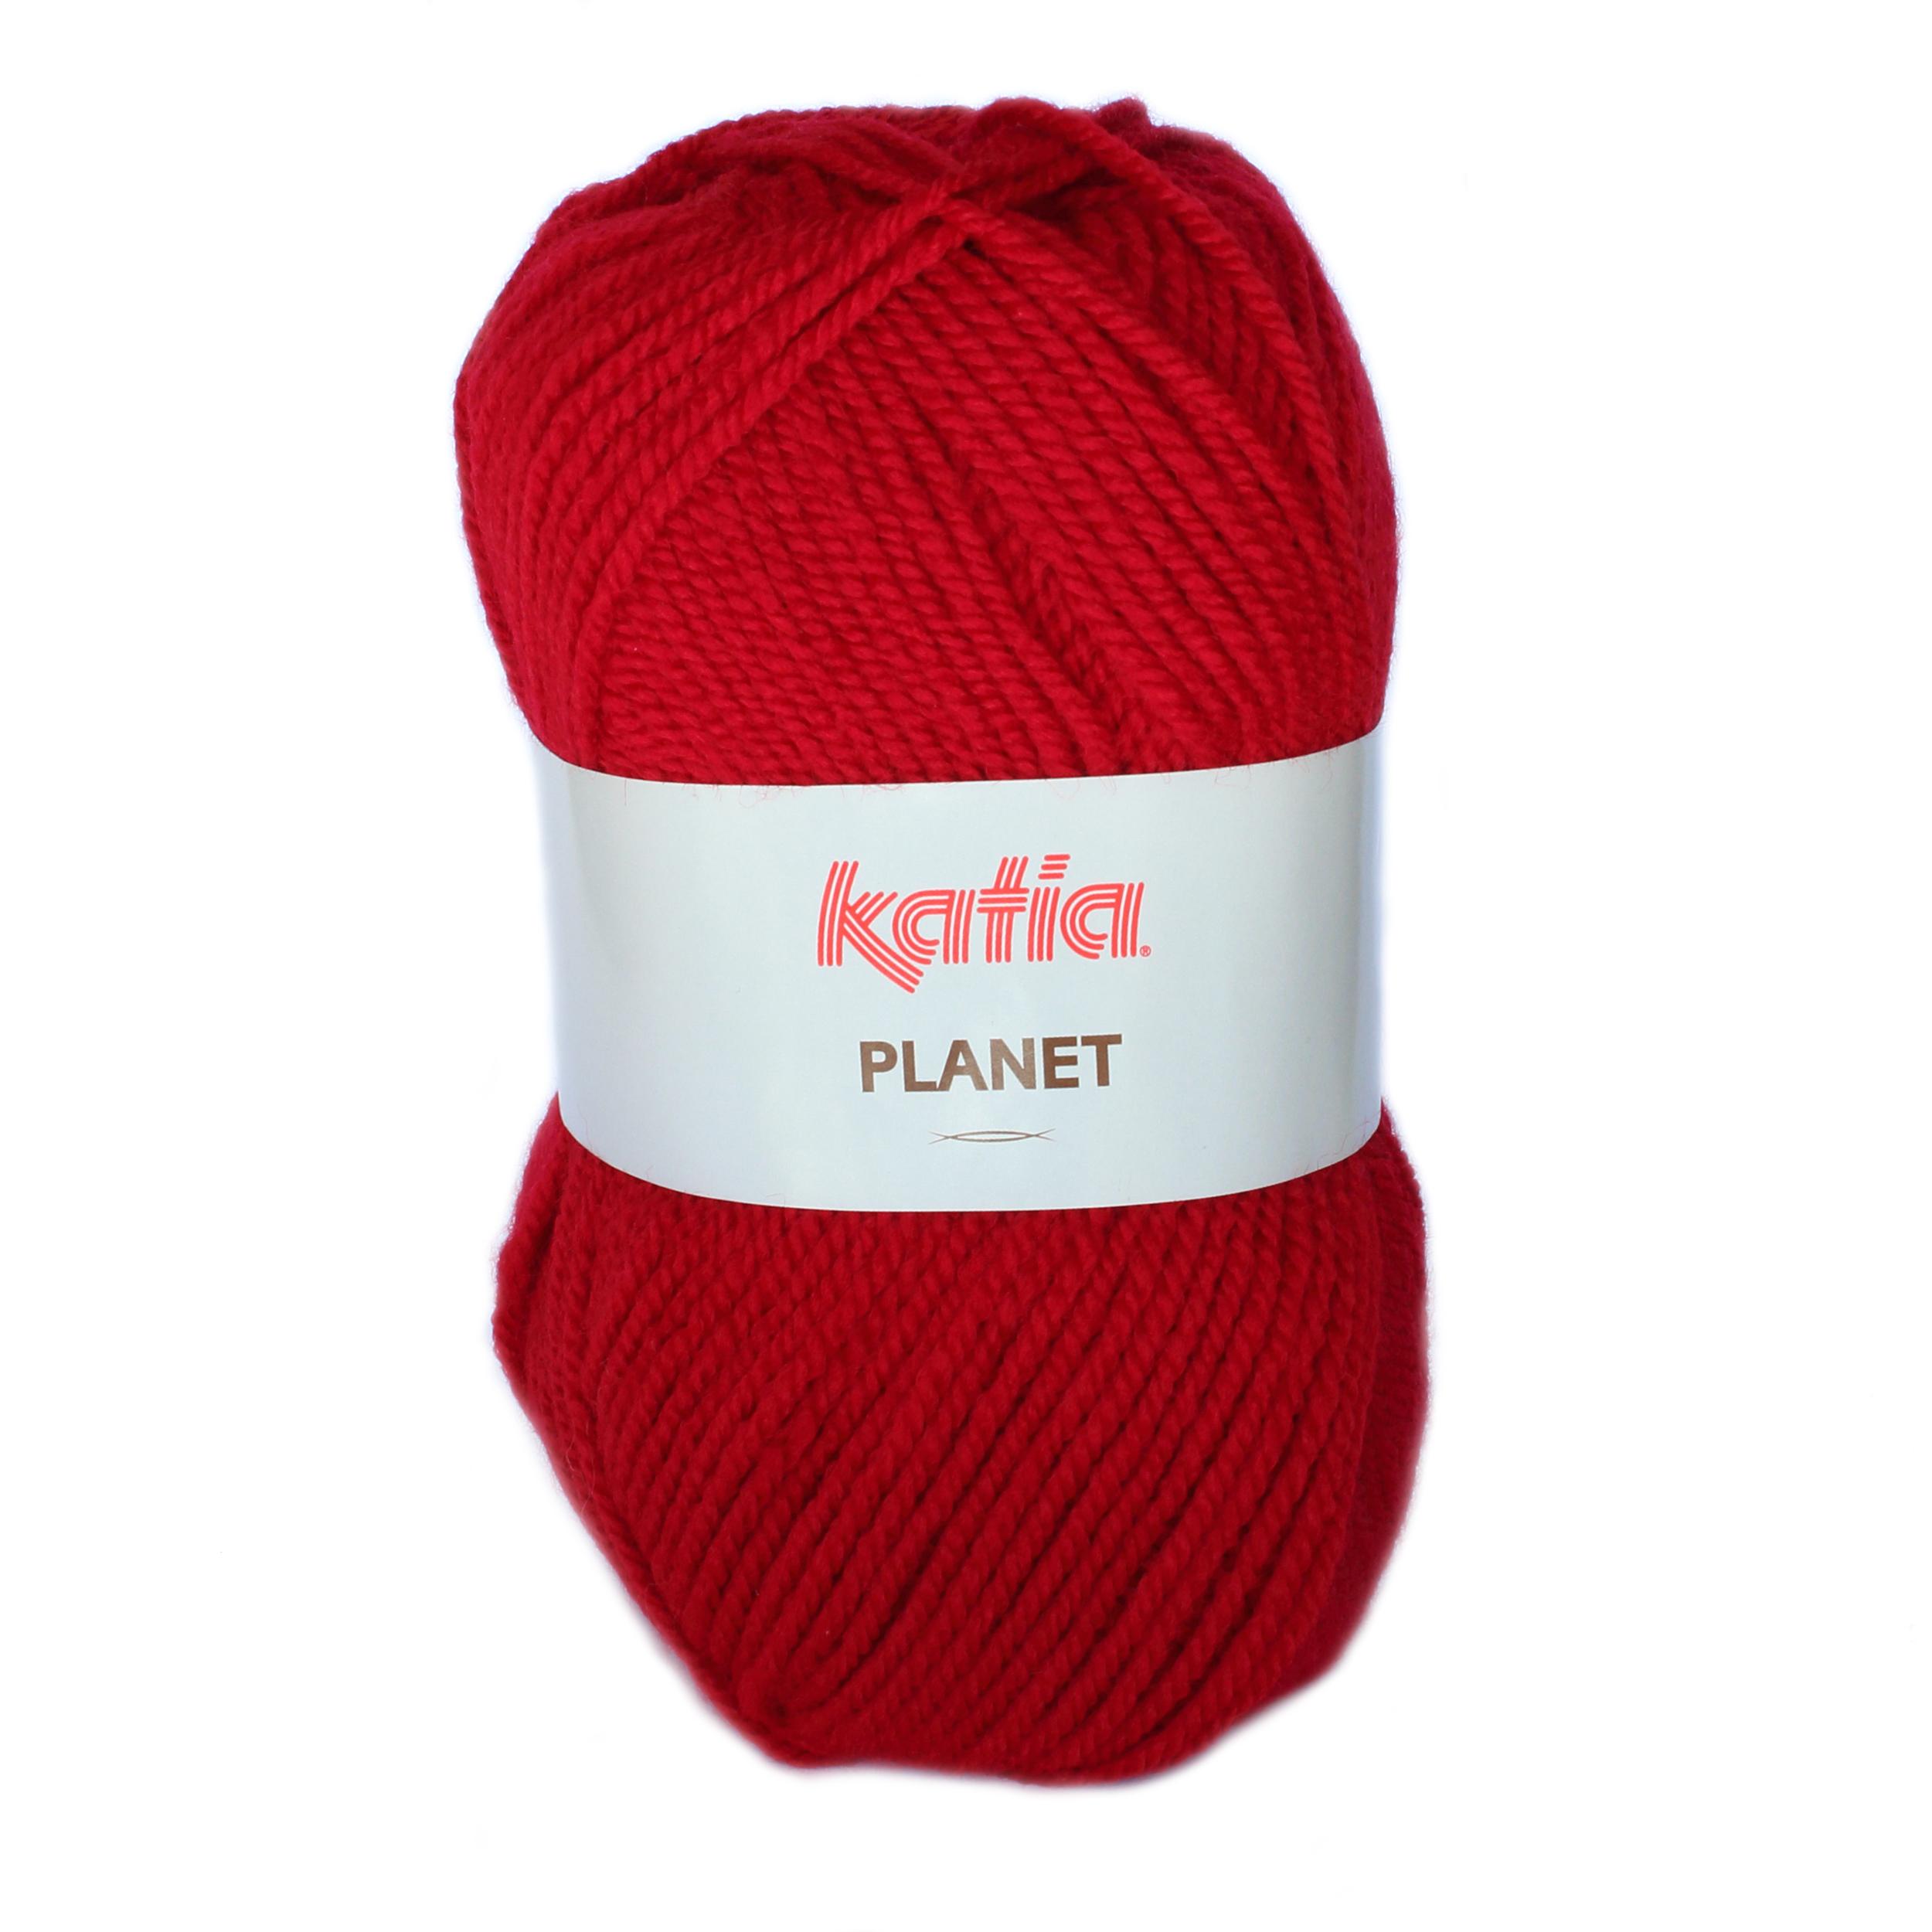 katia-planet-rojo